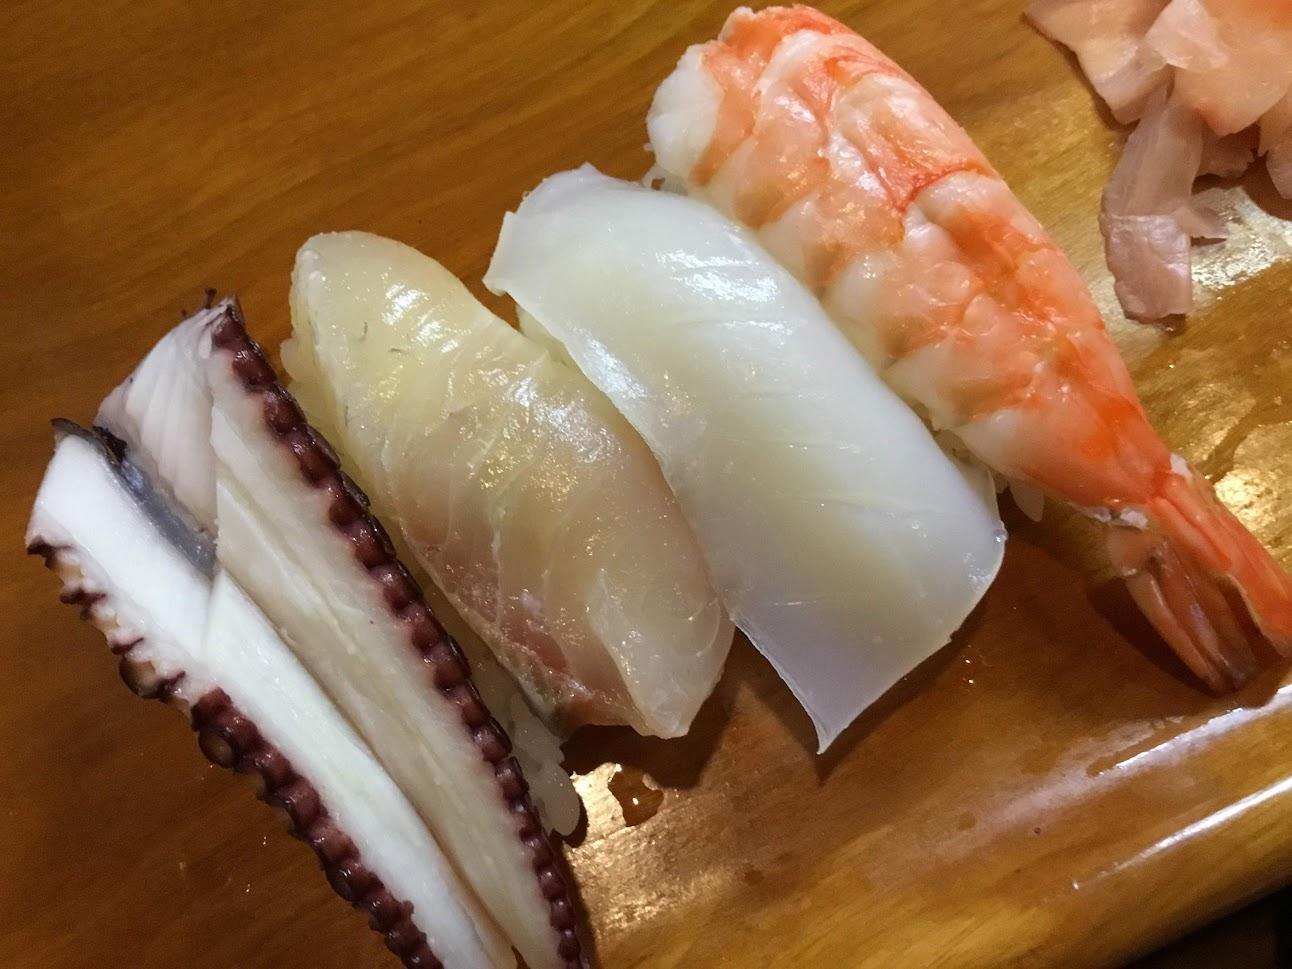 万惣(まんそう)のお寿司ランチを1300円でいただきました。大将はお喋り好きなので夜の部も楽しいかも。。。